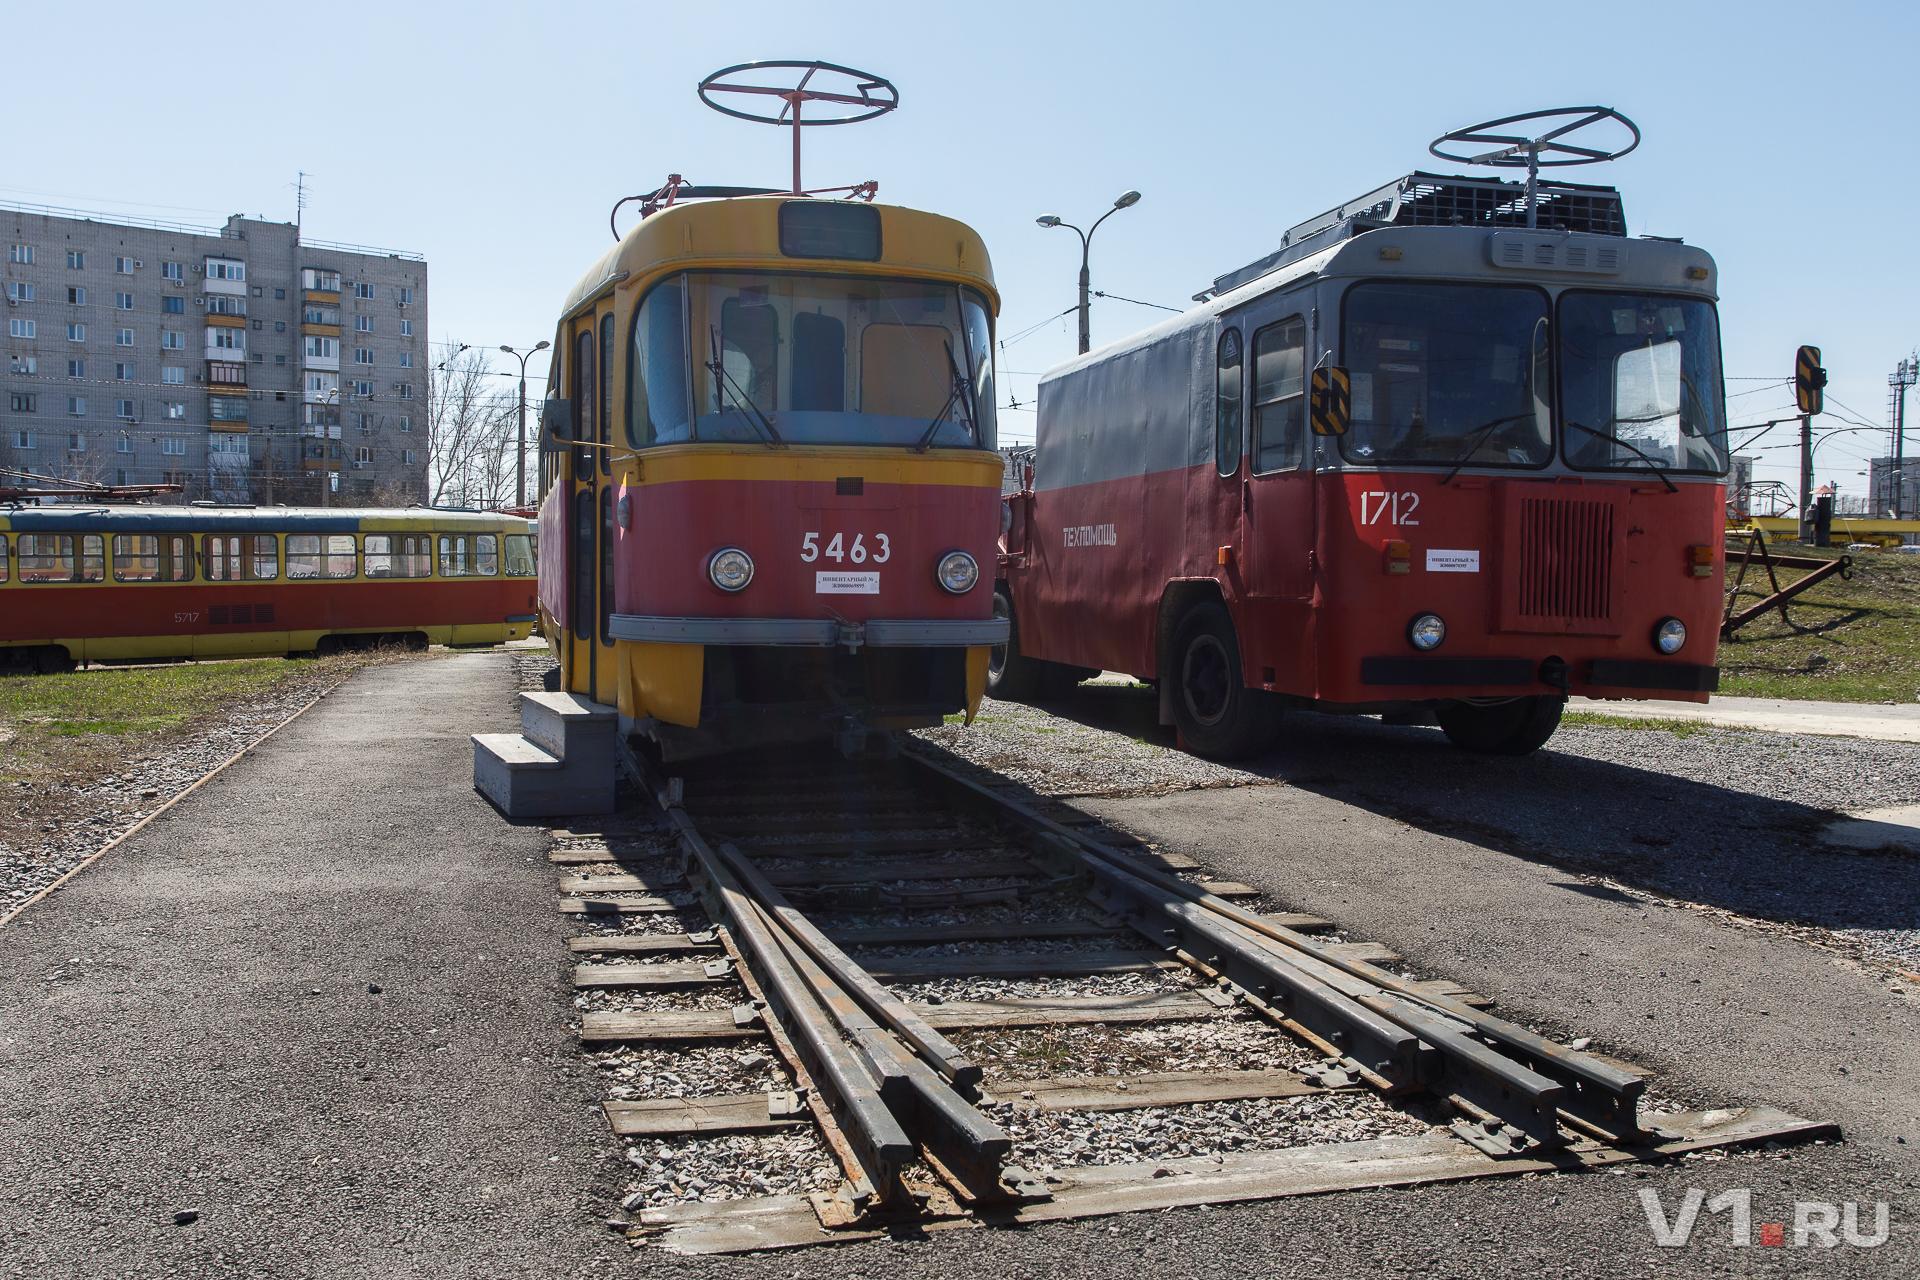 Чешский трамвай вышел на заслуженный отдых и стал почетным экспонатом музея